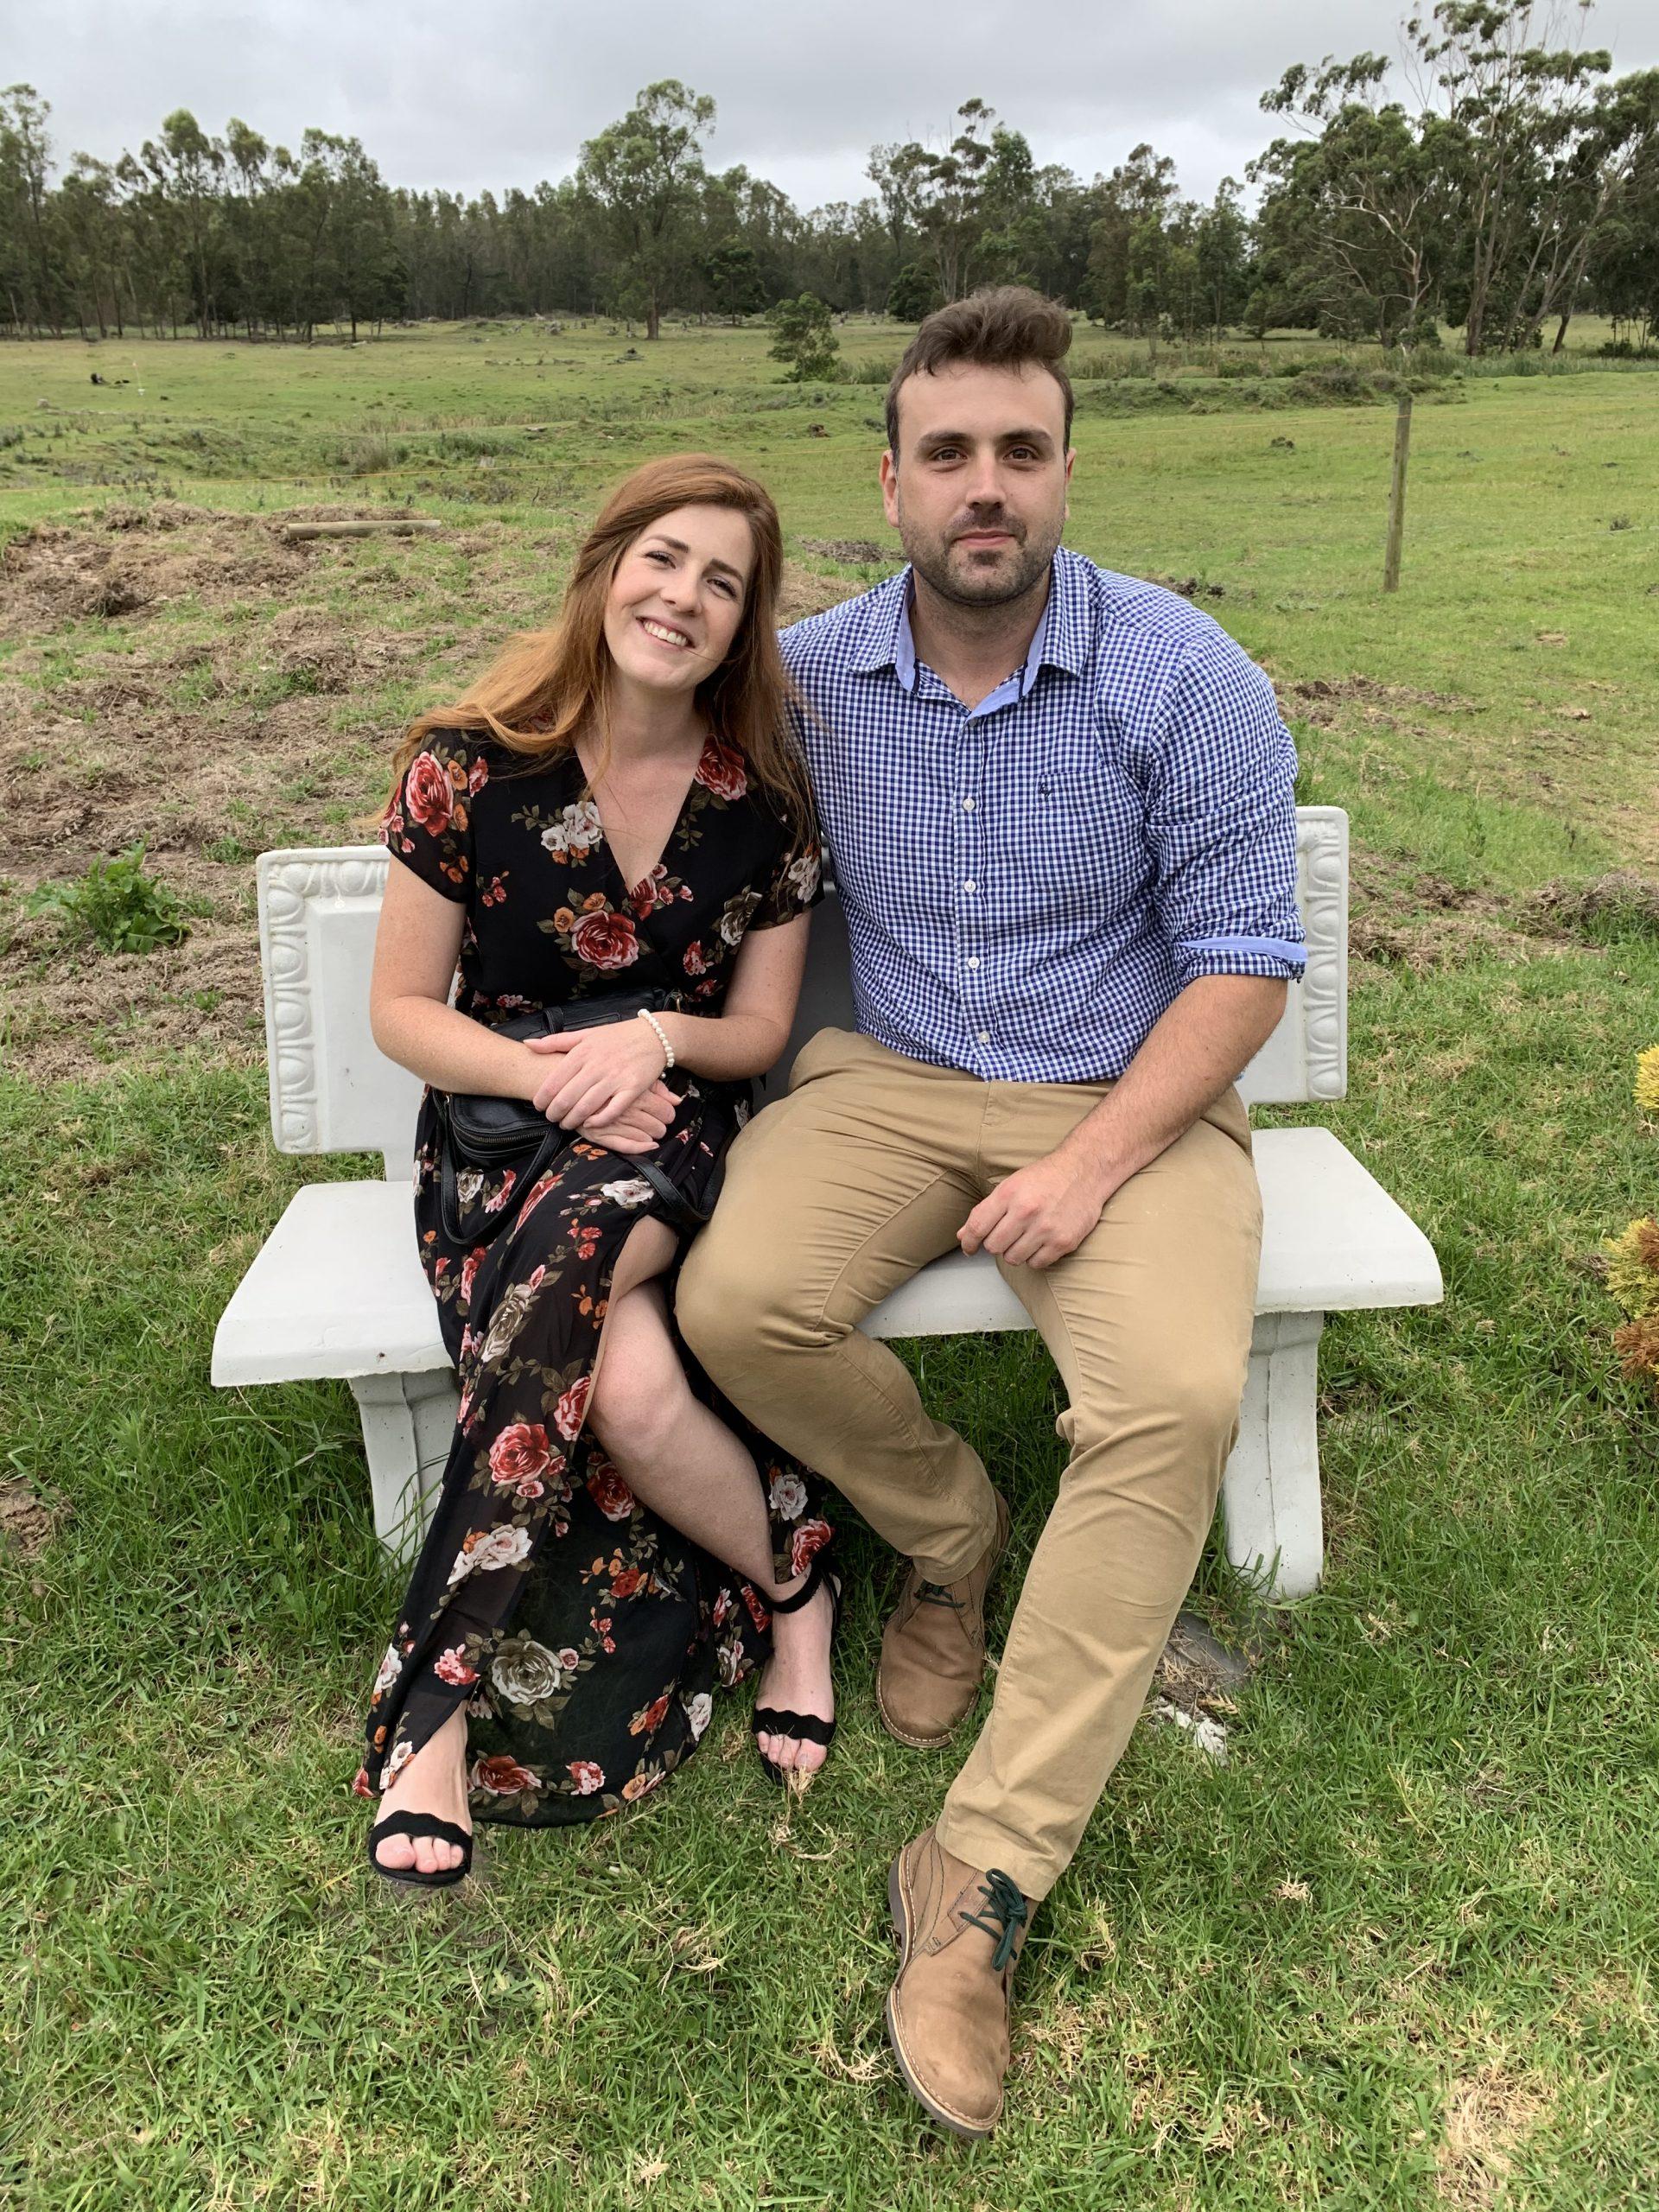 Twee nieuwe Zuid-Afrikaanse collega's naar de Nederlandse farmaceutische industrie: William en Odette het eerste getrouwde koppel bij TailorMinds